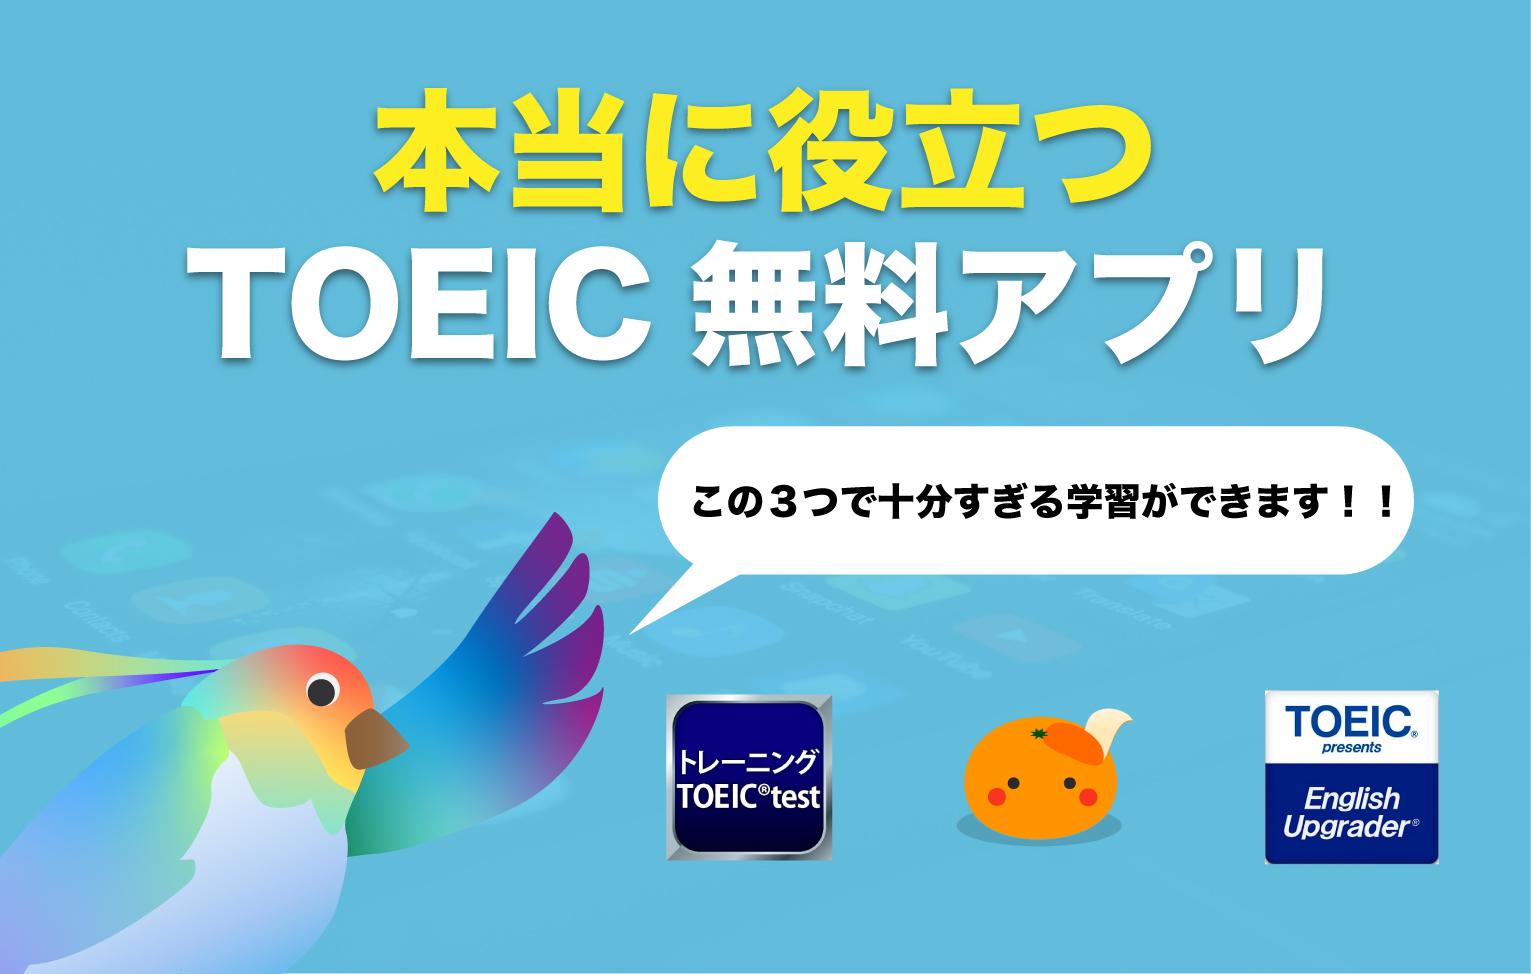 TOEICに役立つおすすめ無料アプリ【最強アプリはこの3つだけ】